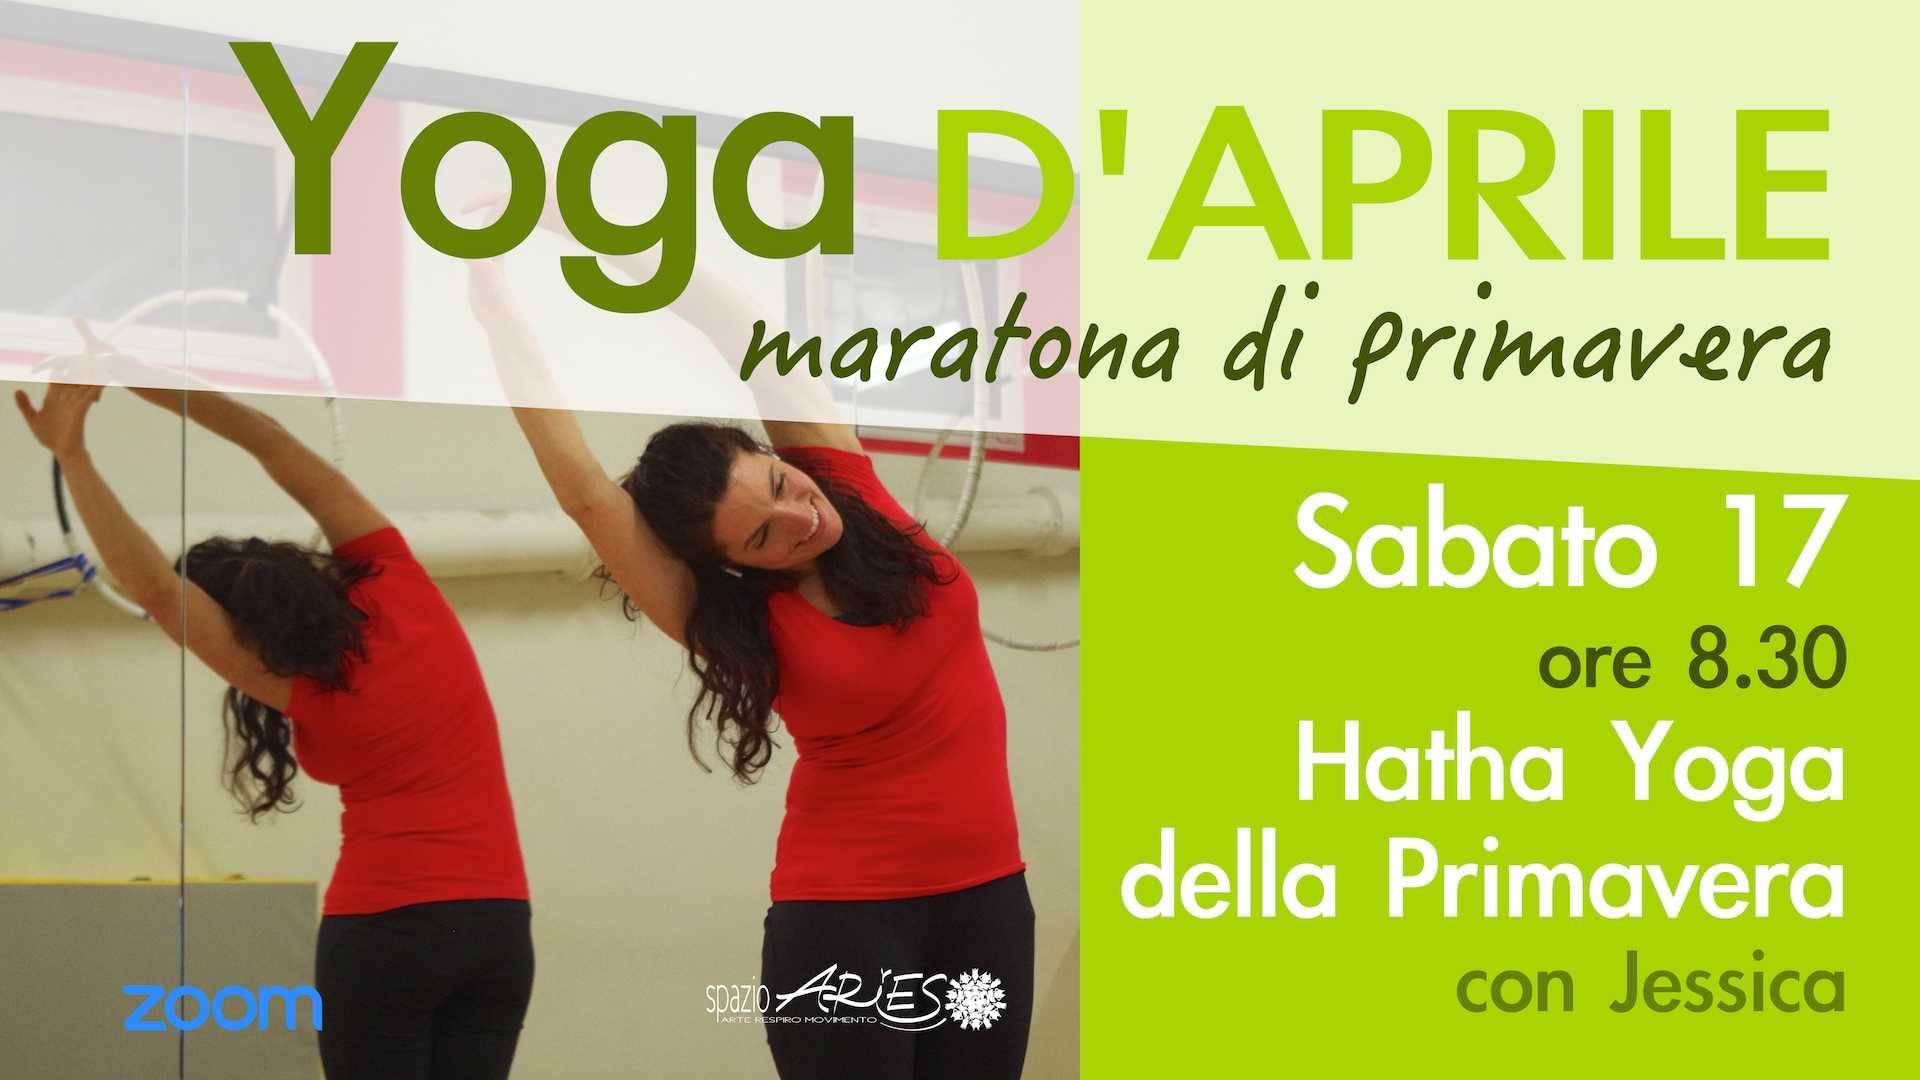 Hatha Yoga online della primavera con Jessica